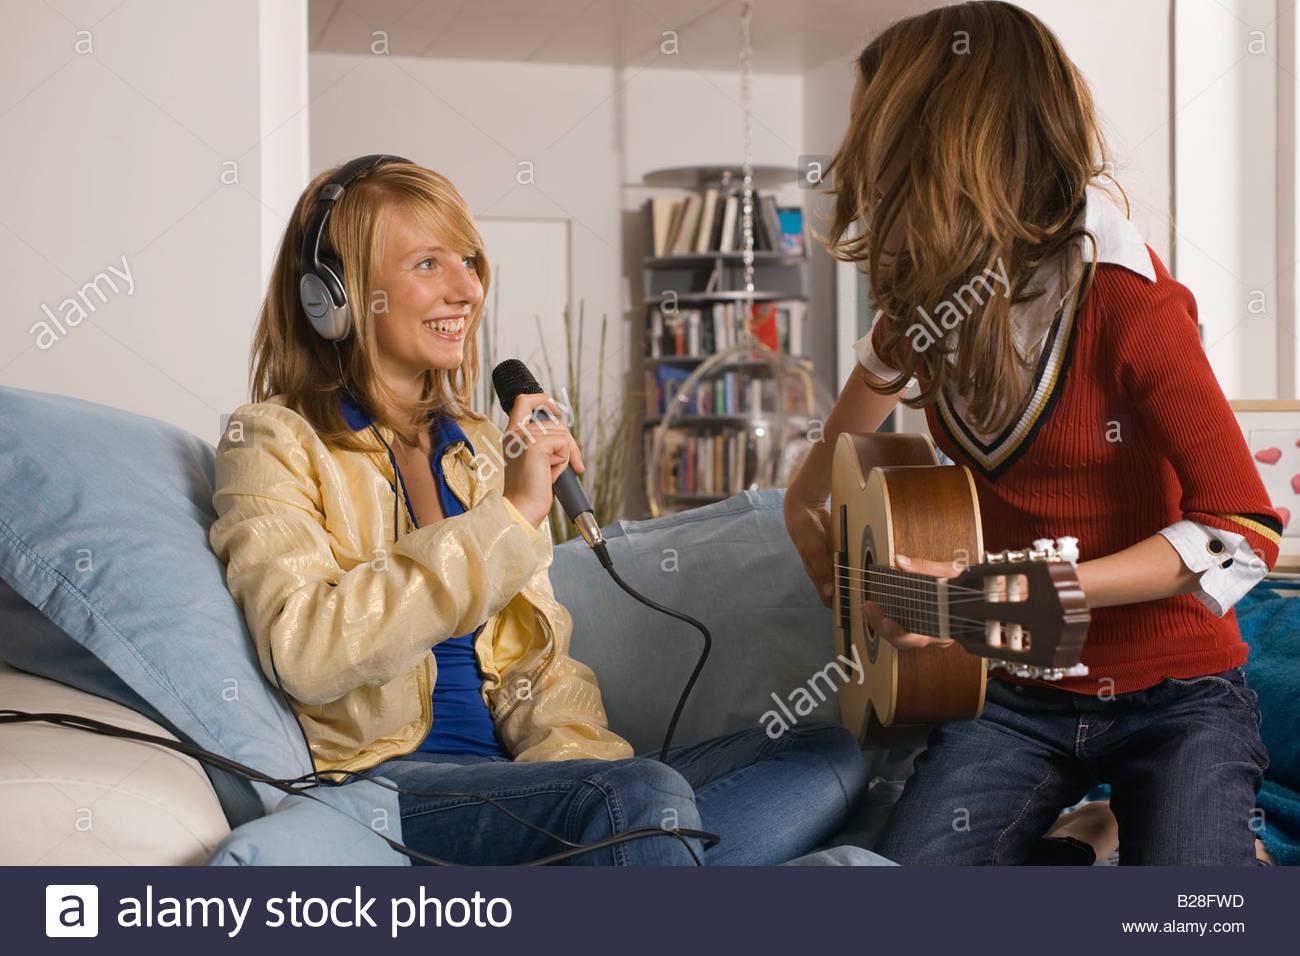 Two teenage girls making music - Stock Image